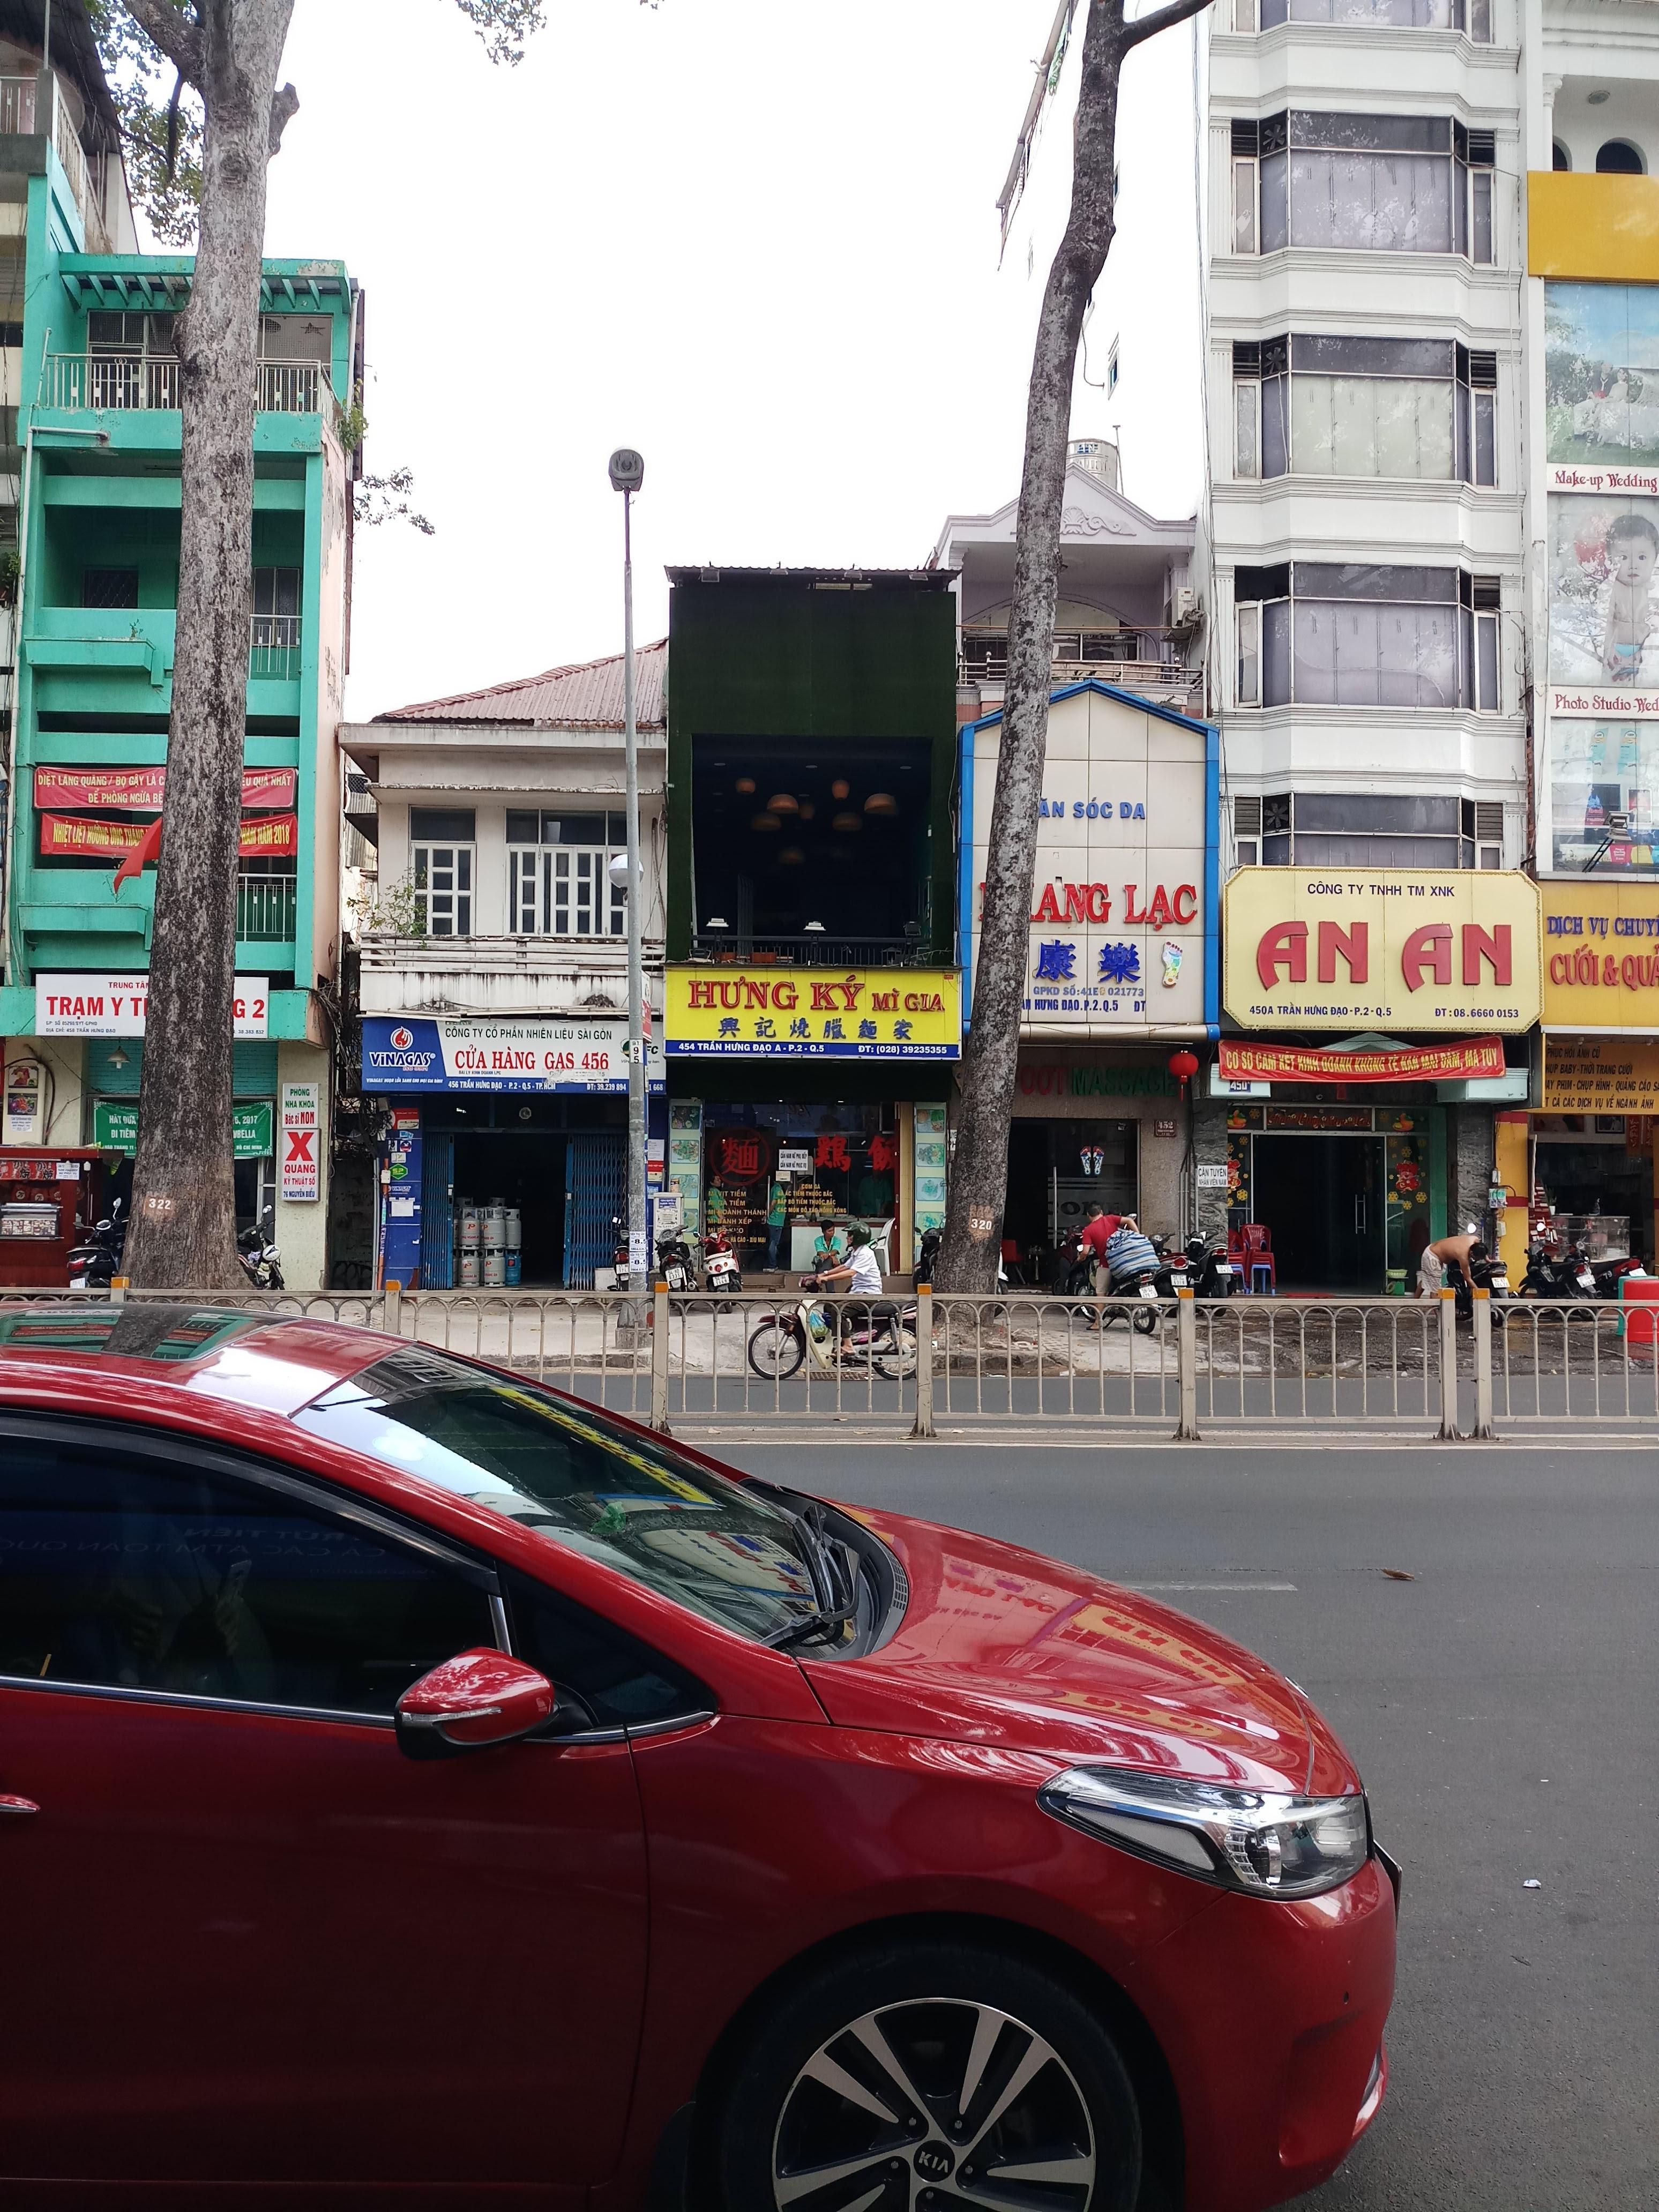 Bán nhà mặt tiền đường 12m Bàu Cát 2, P.14, Q.Tân Bình; 4x11m, vị trí đẹp, tiện kinh doanh